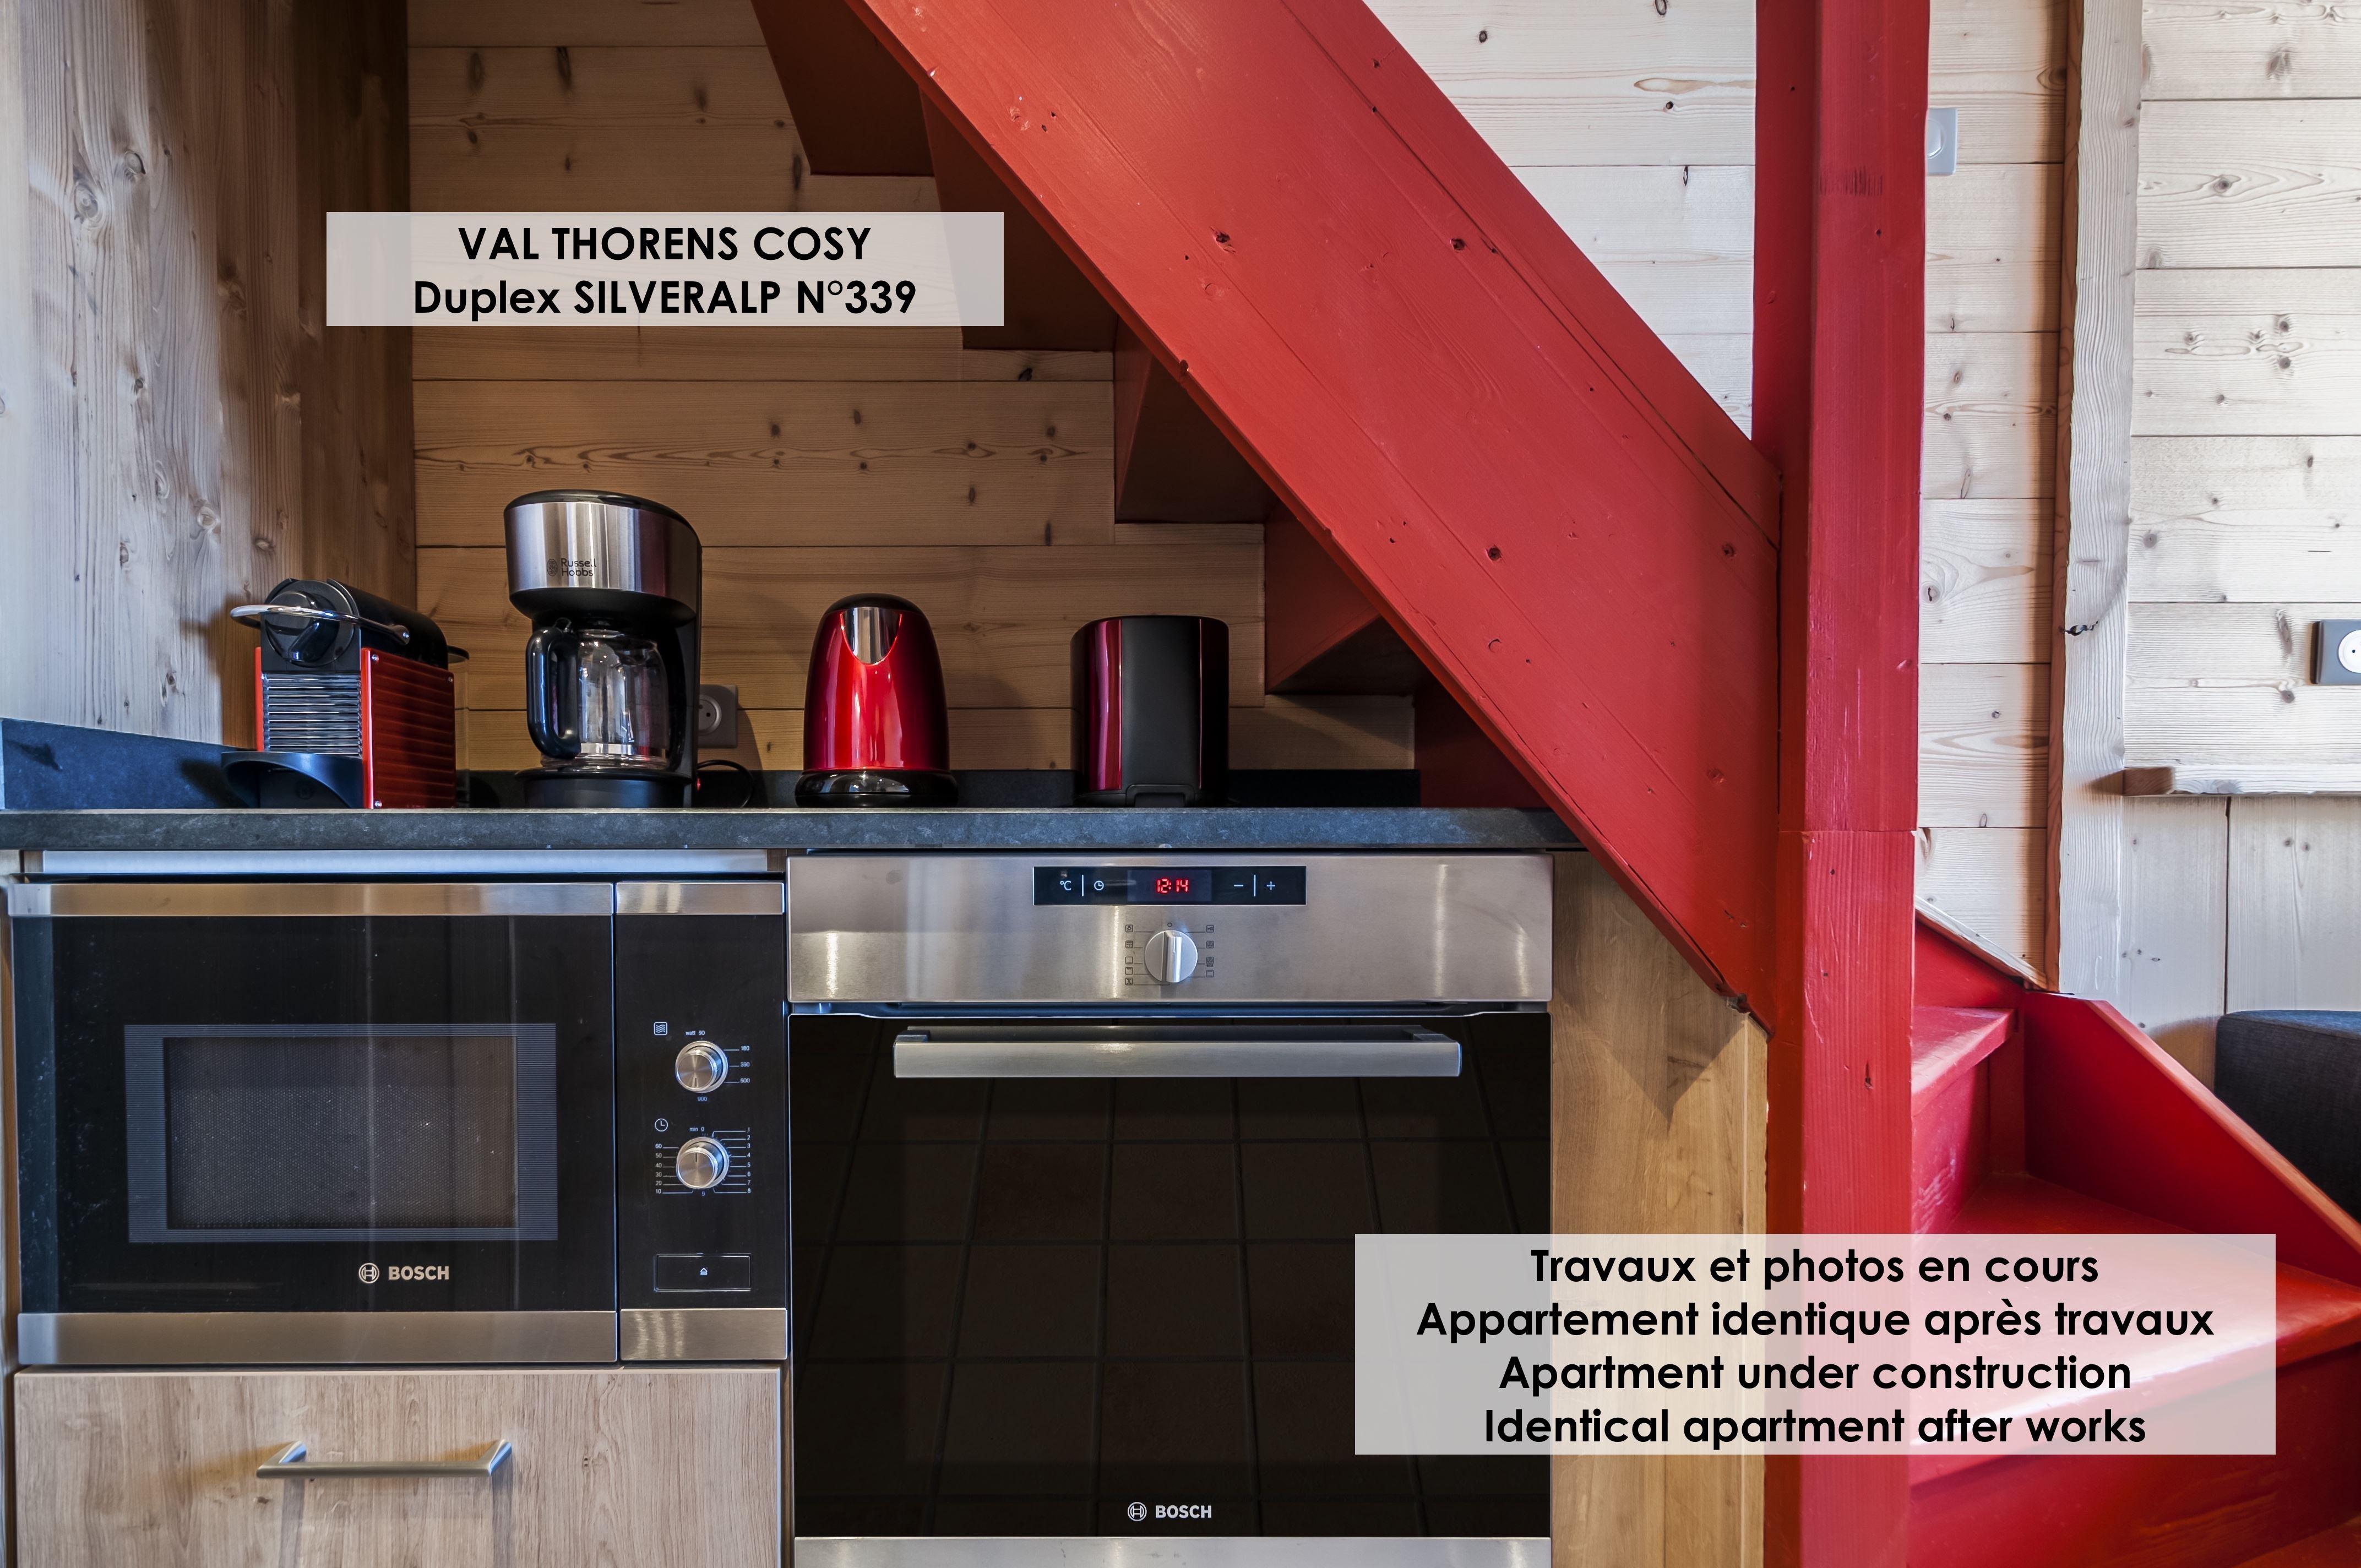 Silveralp 339 > 3 Pièces en Duplex + Cabine - 6 Personnes - 4 Flocons Or (Ma Clé IMMO)